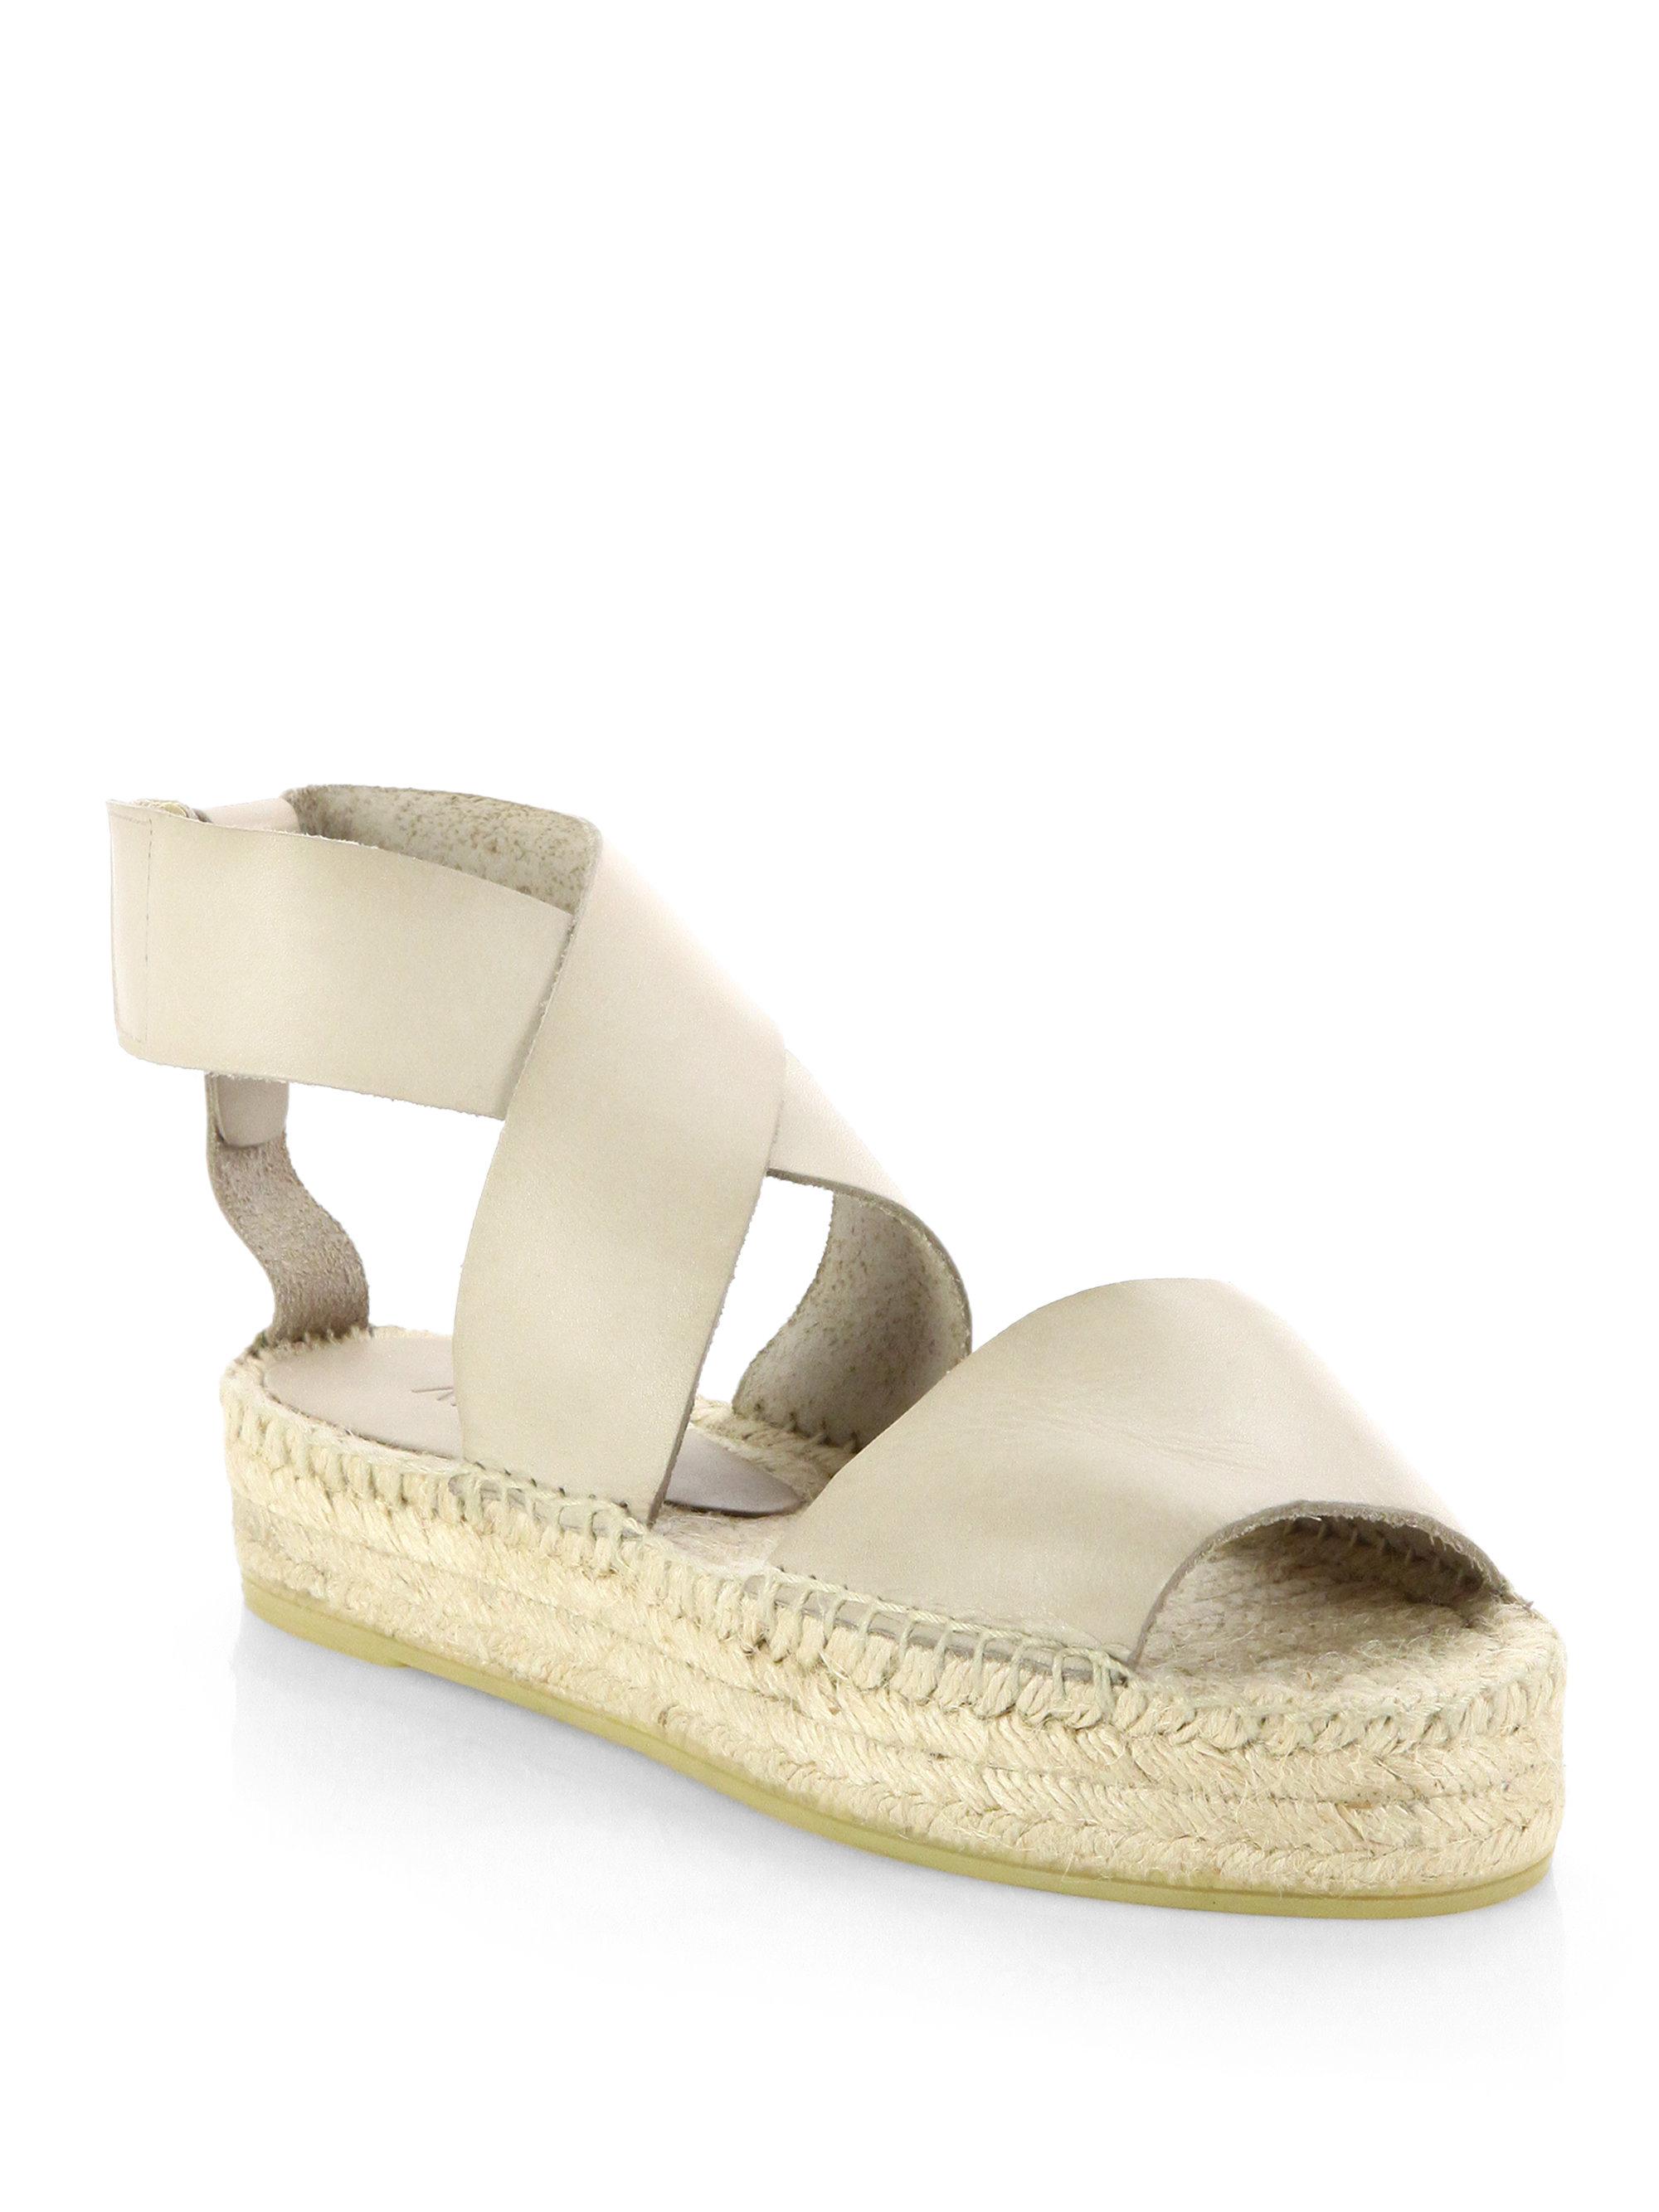 Furla Flat Shoes